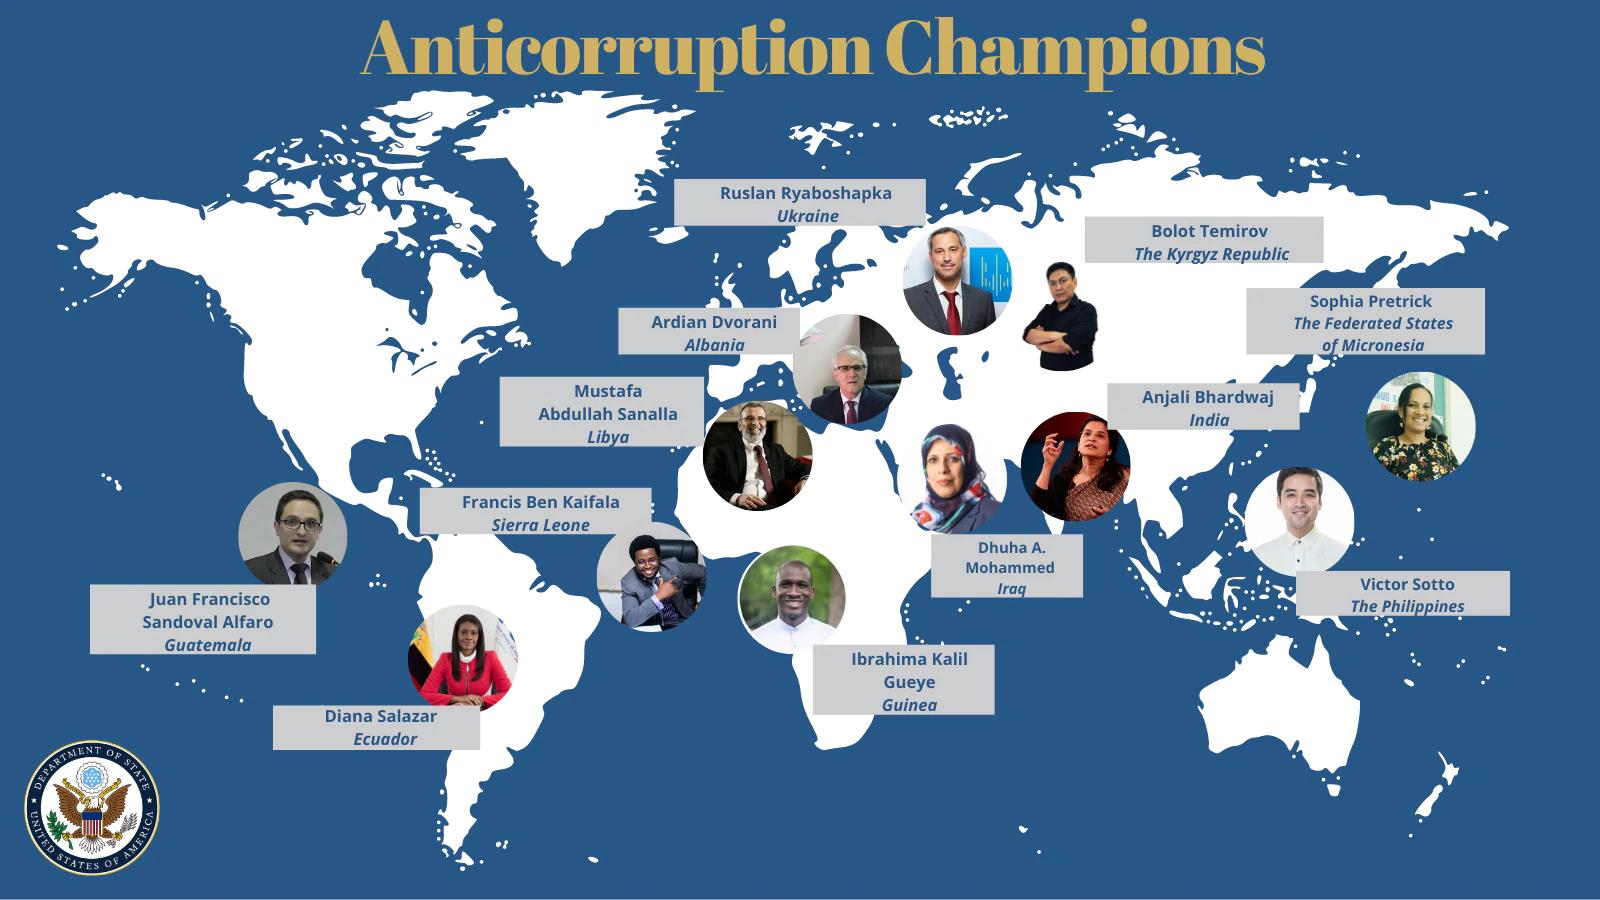 U.S. Department Of State Recognizes Anticorruption Champions